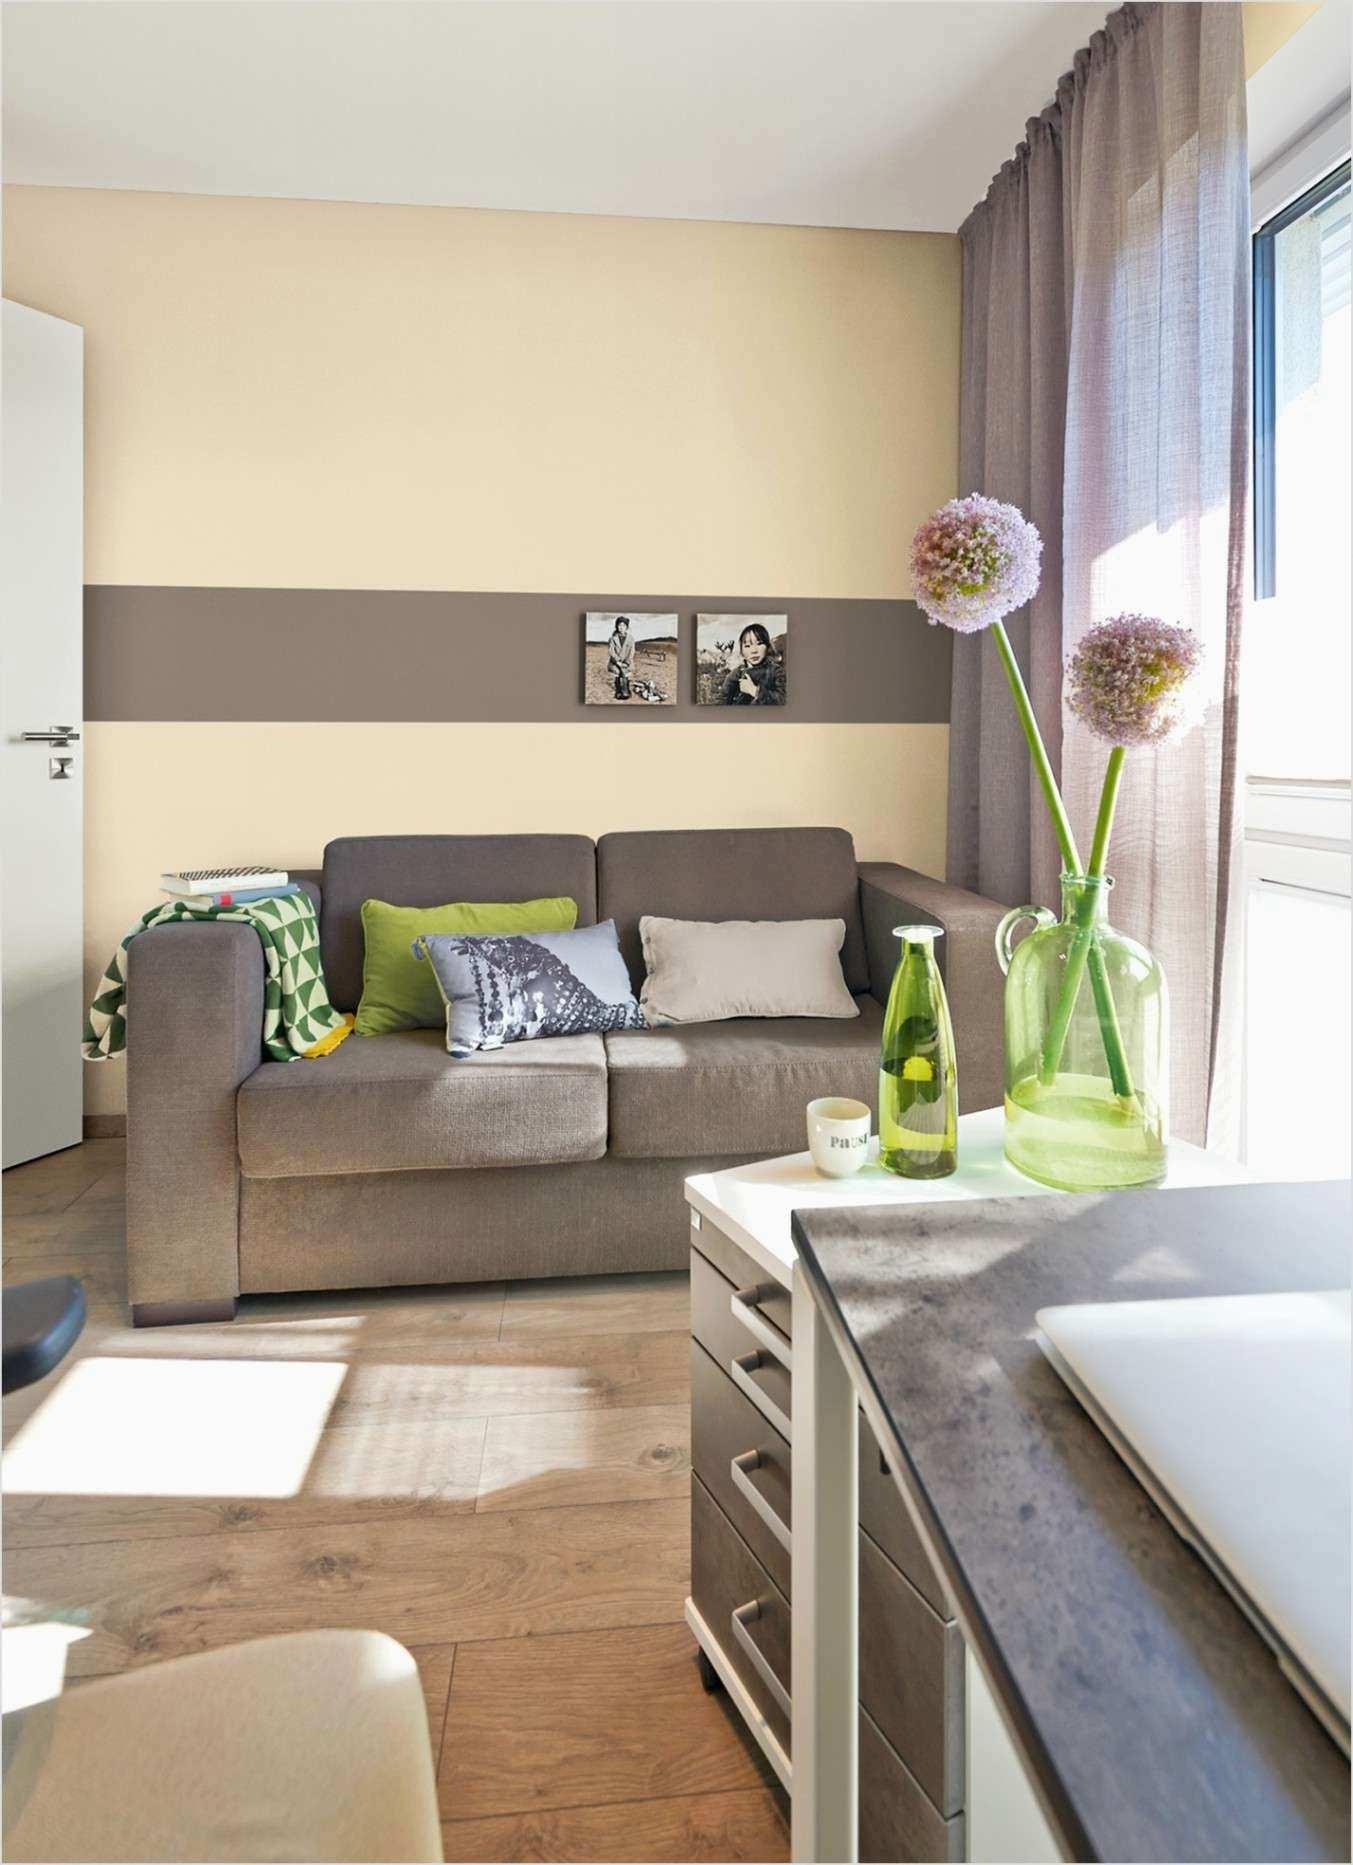 Full Size of Bodenfliesen Streichen Schner Wohnen Schlafzimmer Elegant 18 Super Küche Bad Wohnzimmer Bodenfliesen Streichen